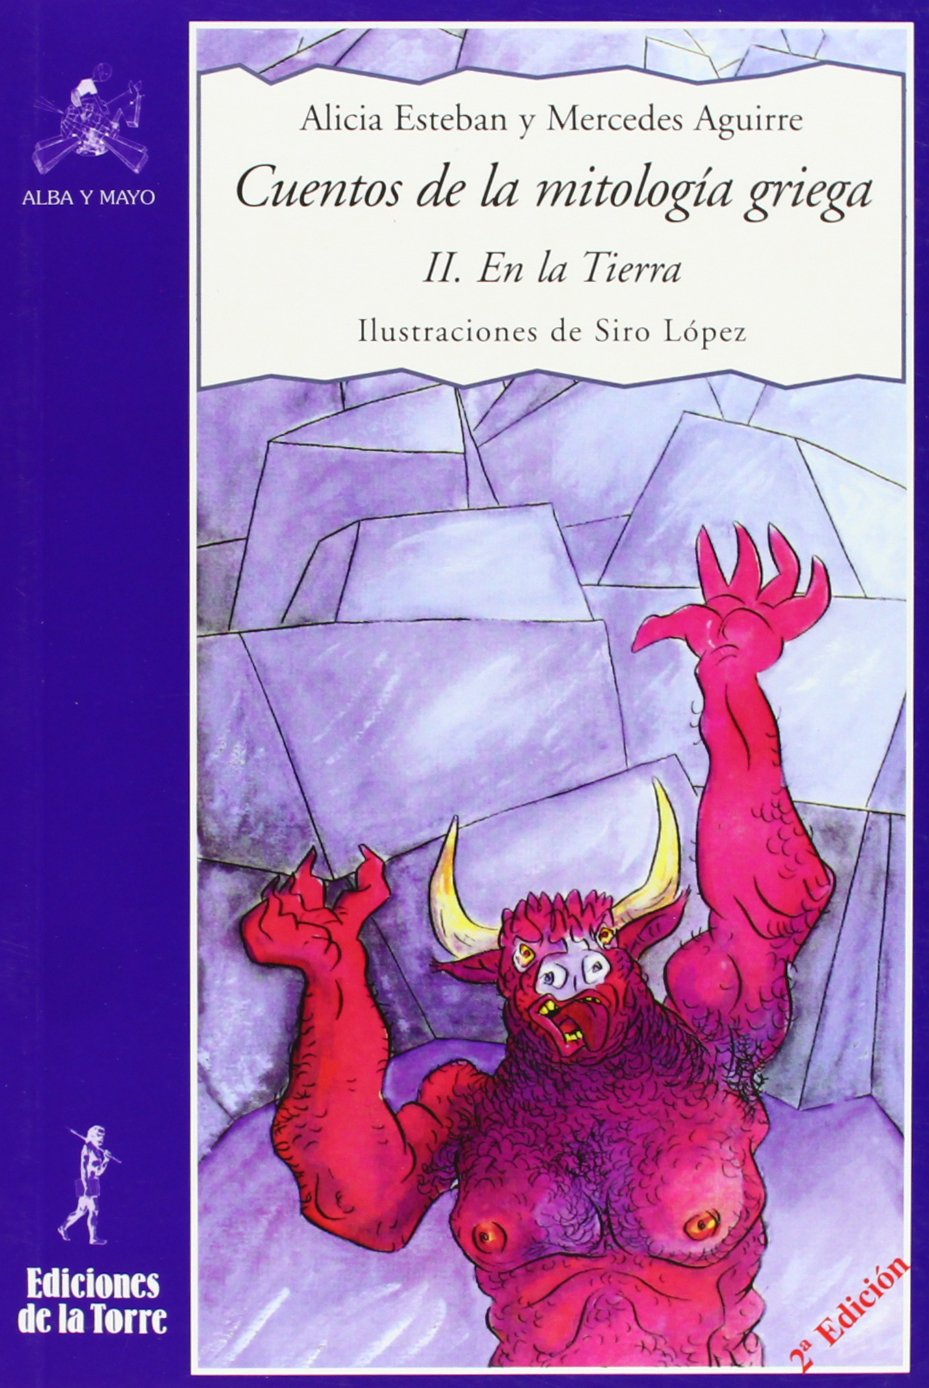 Cuentos de la mitología griega II.: En la Tierra: 16 Alba y mayo, narrativa: Amazon.es: Aguirre Castro, Mercedes, Esteban Santos, Alicia, López, Siro: Libros